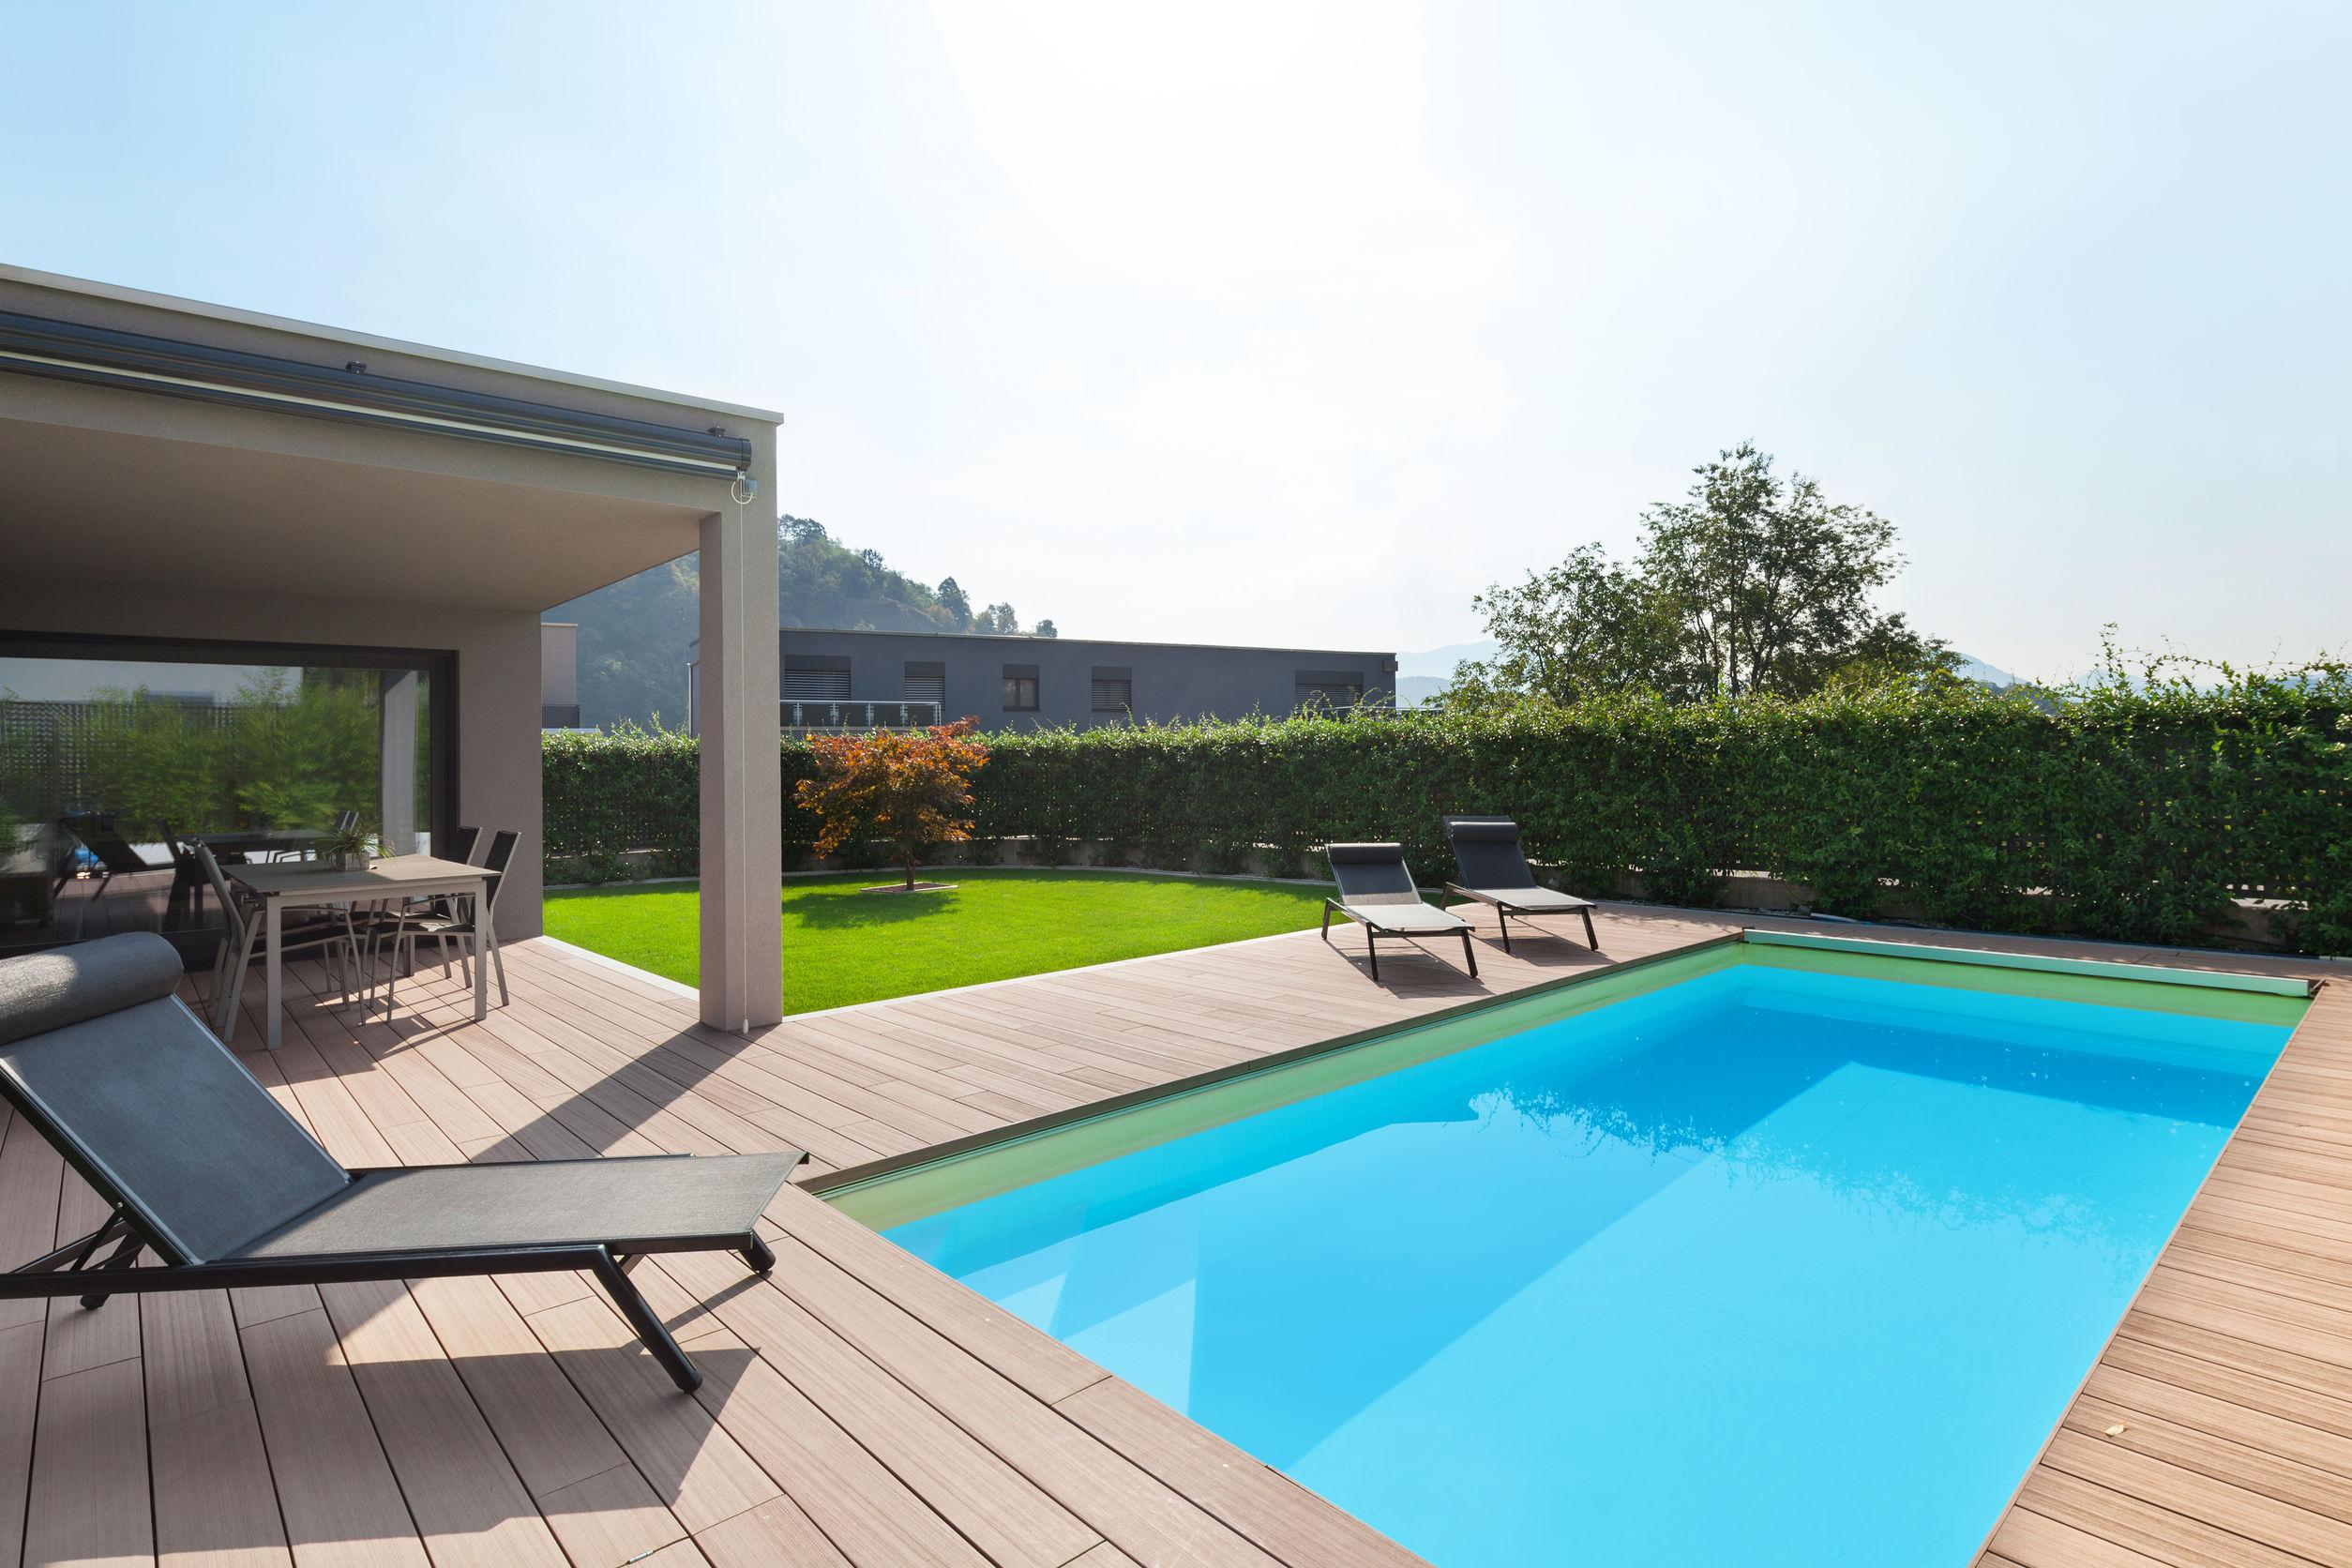 Personalización de la piscina: ideas y opciones